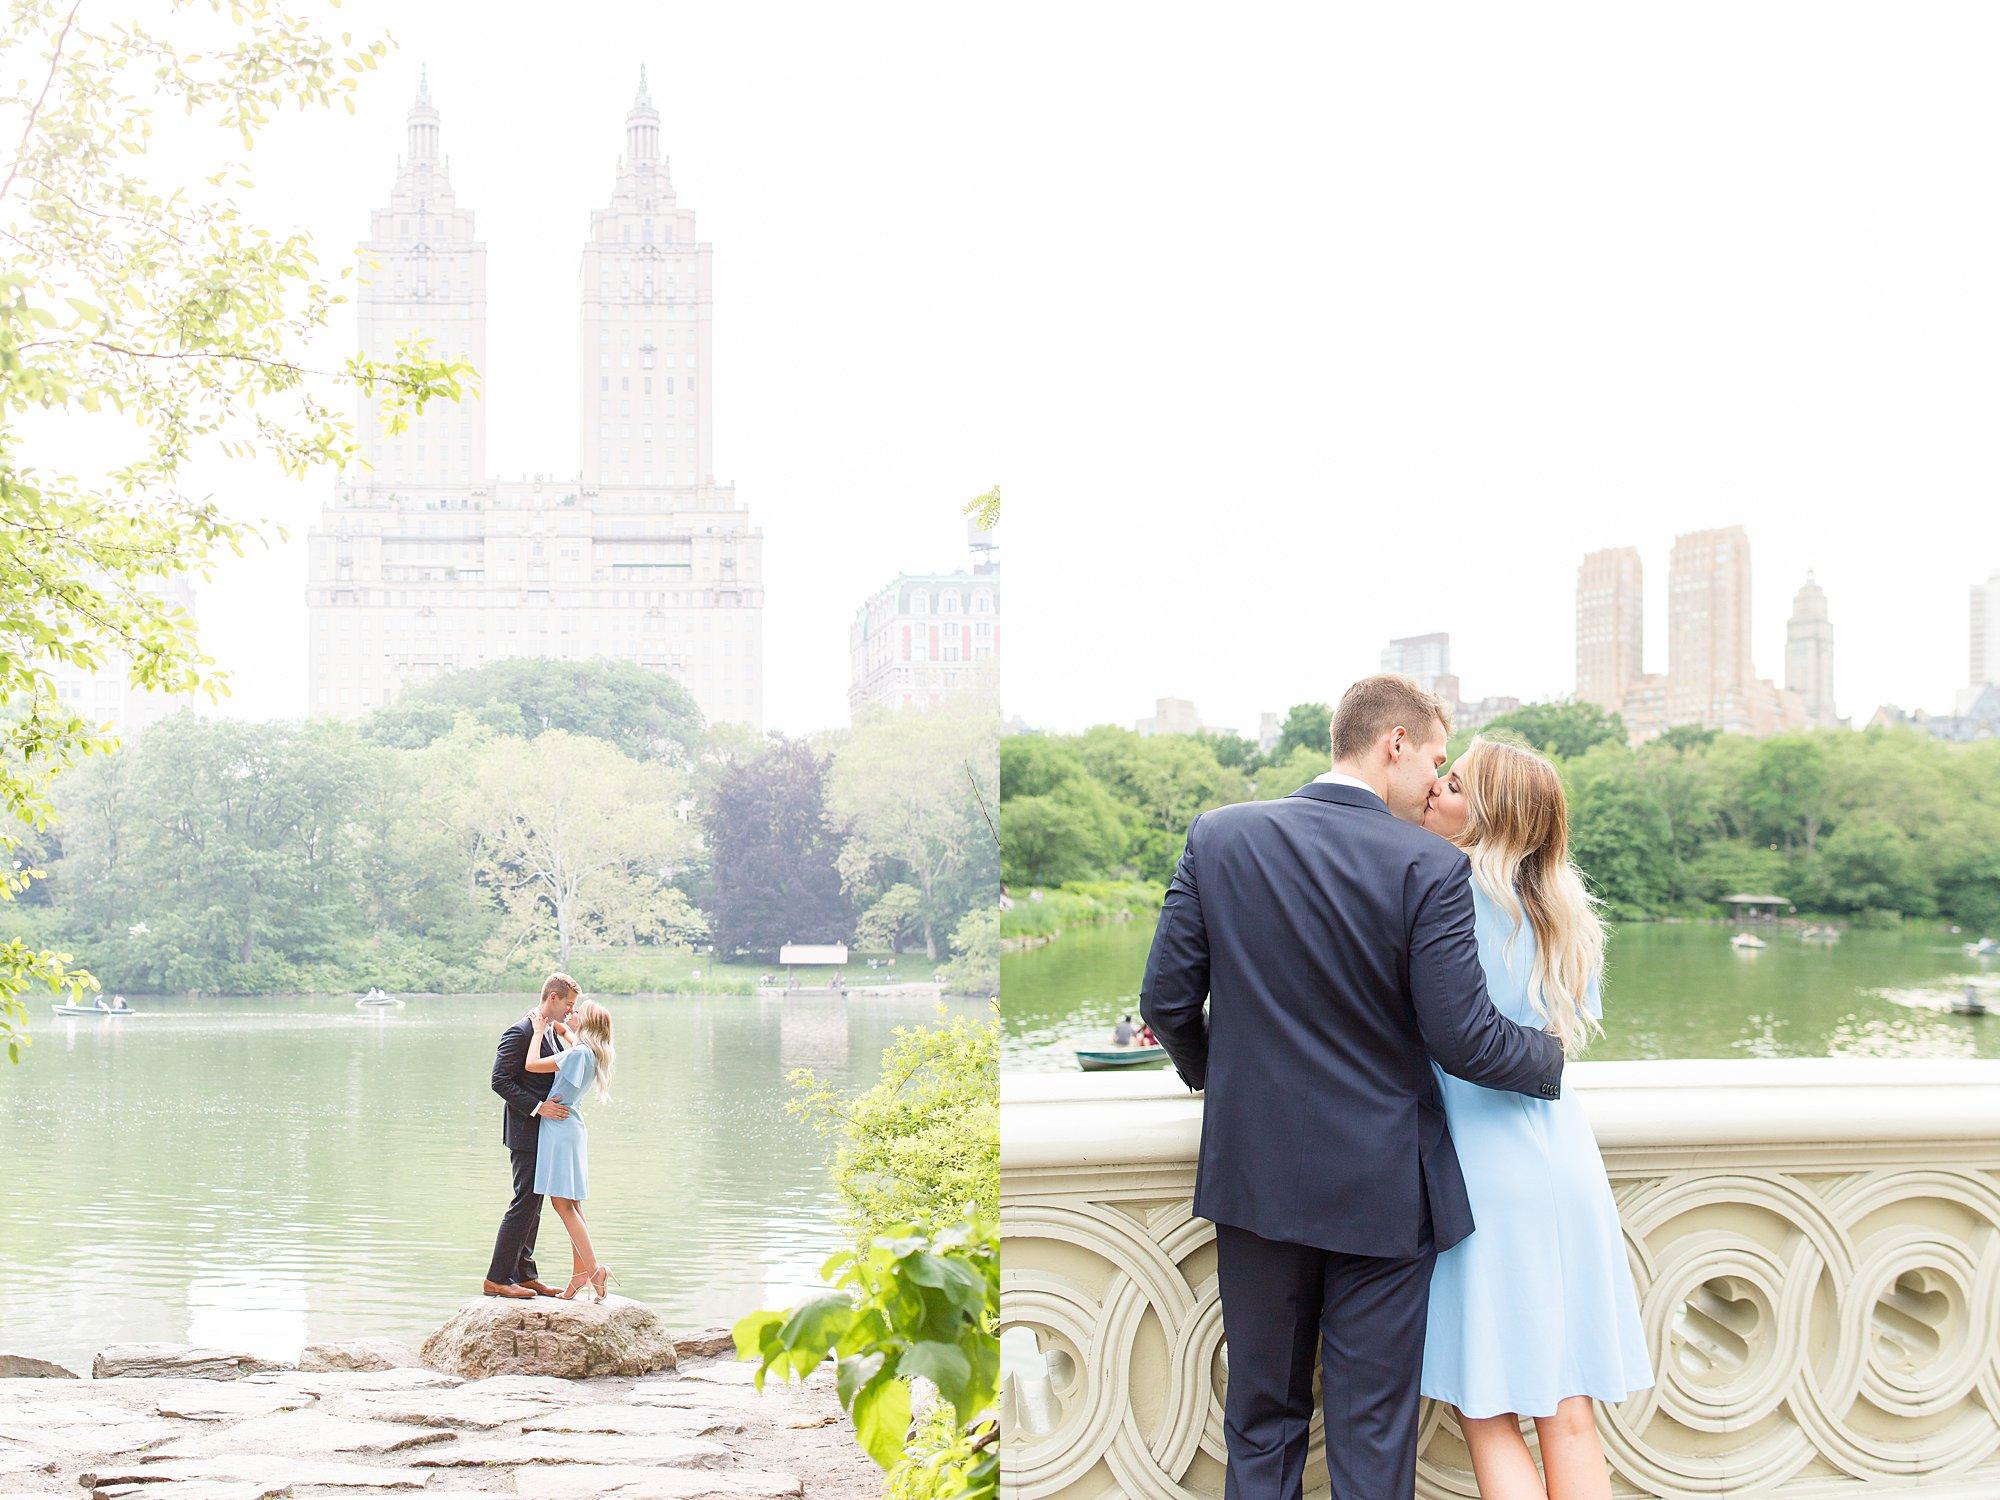 Central Park New York Engagement Session_0018.jpg